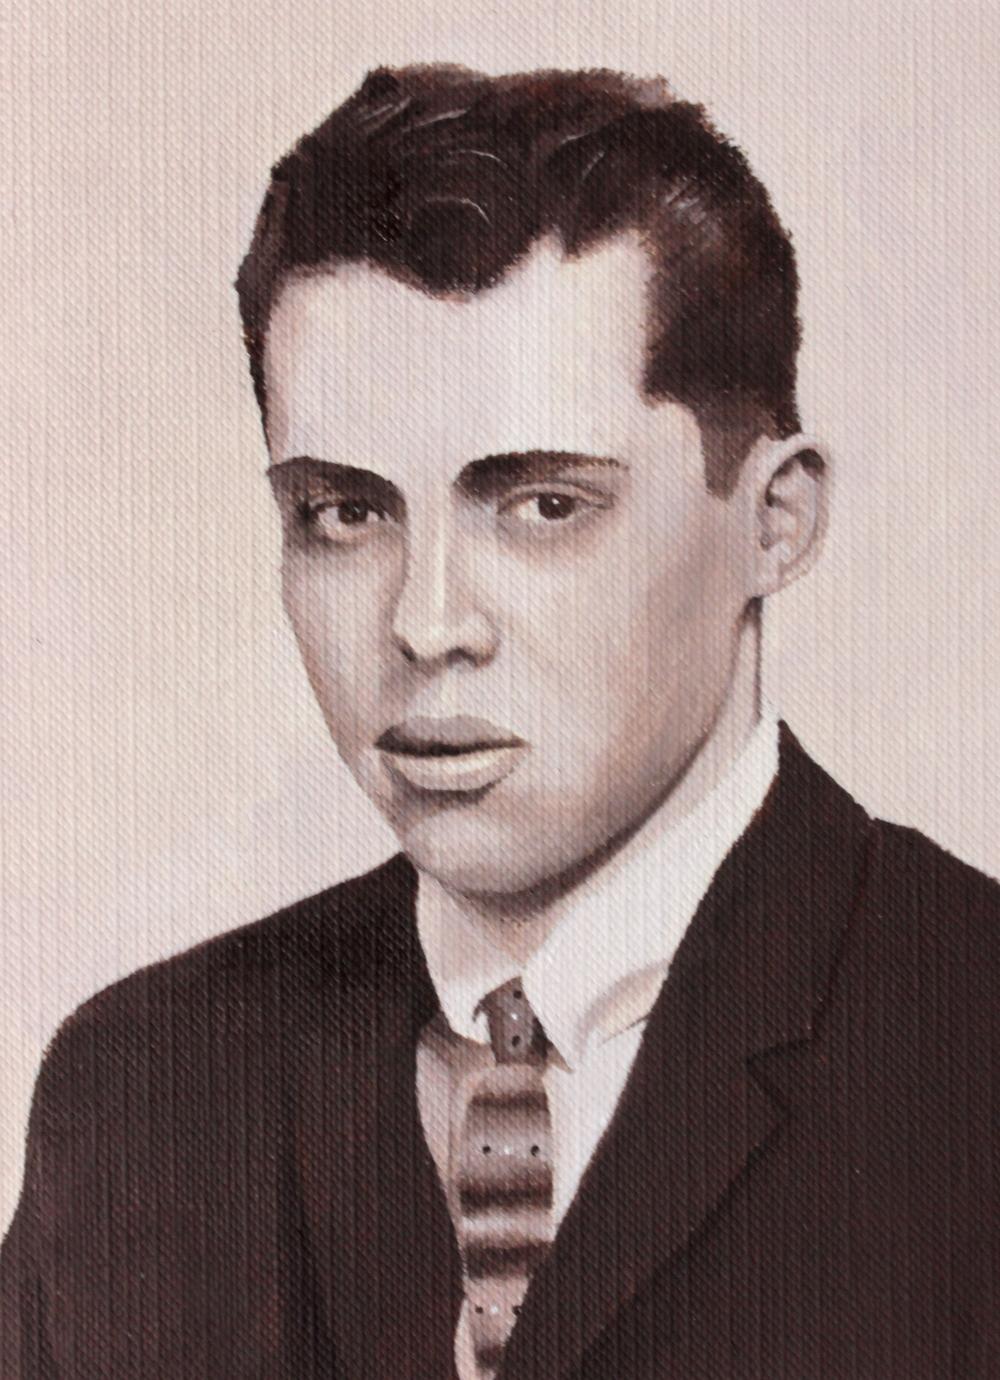 Portrait of Jesse